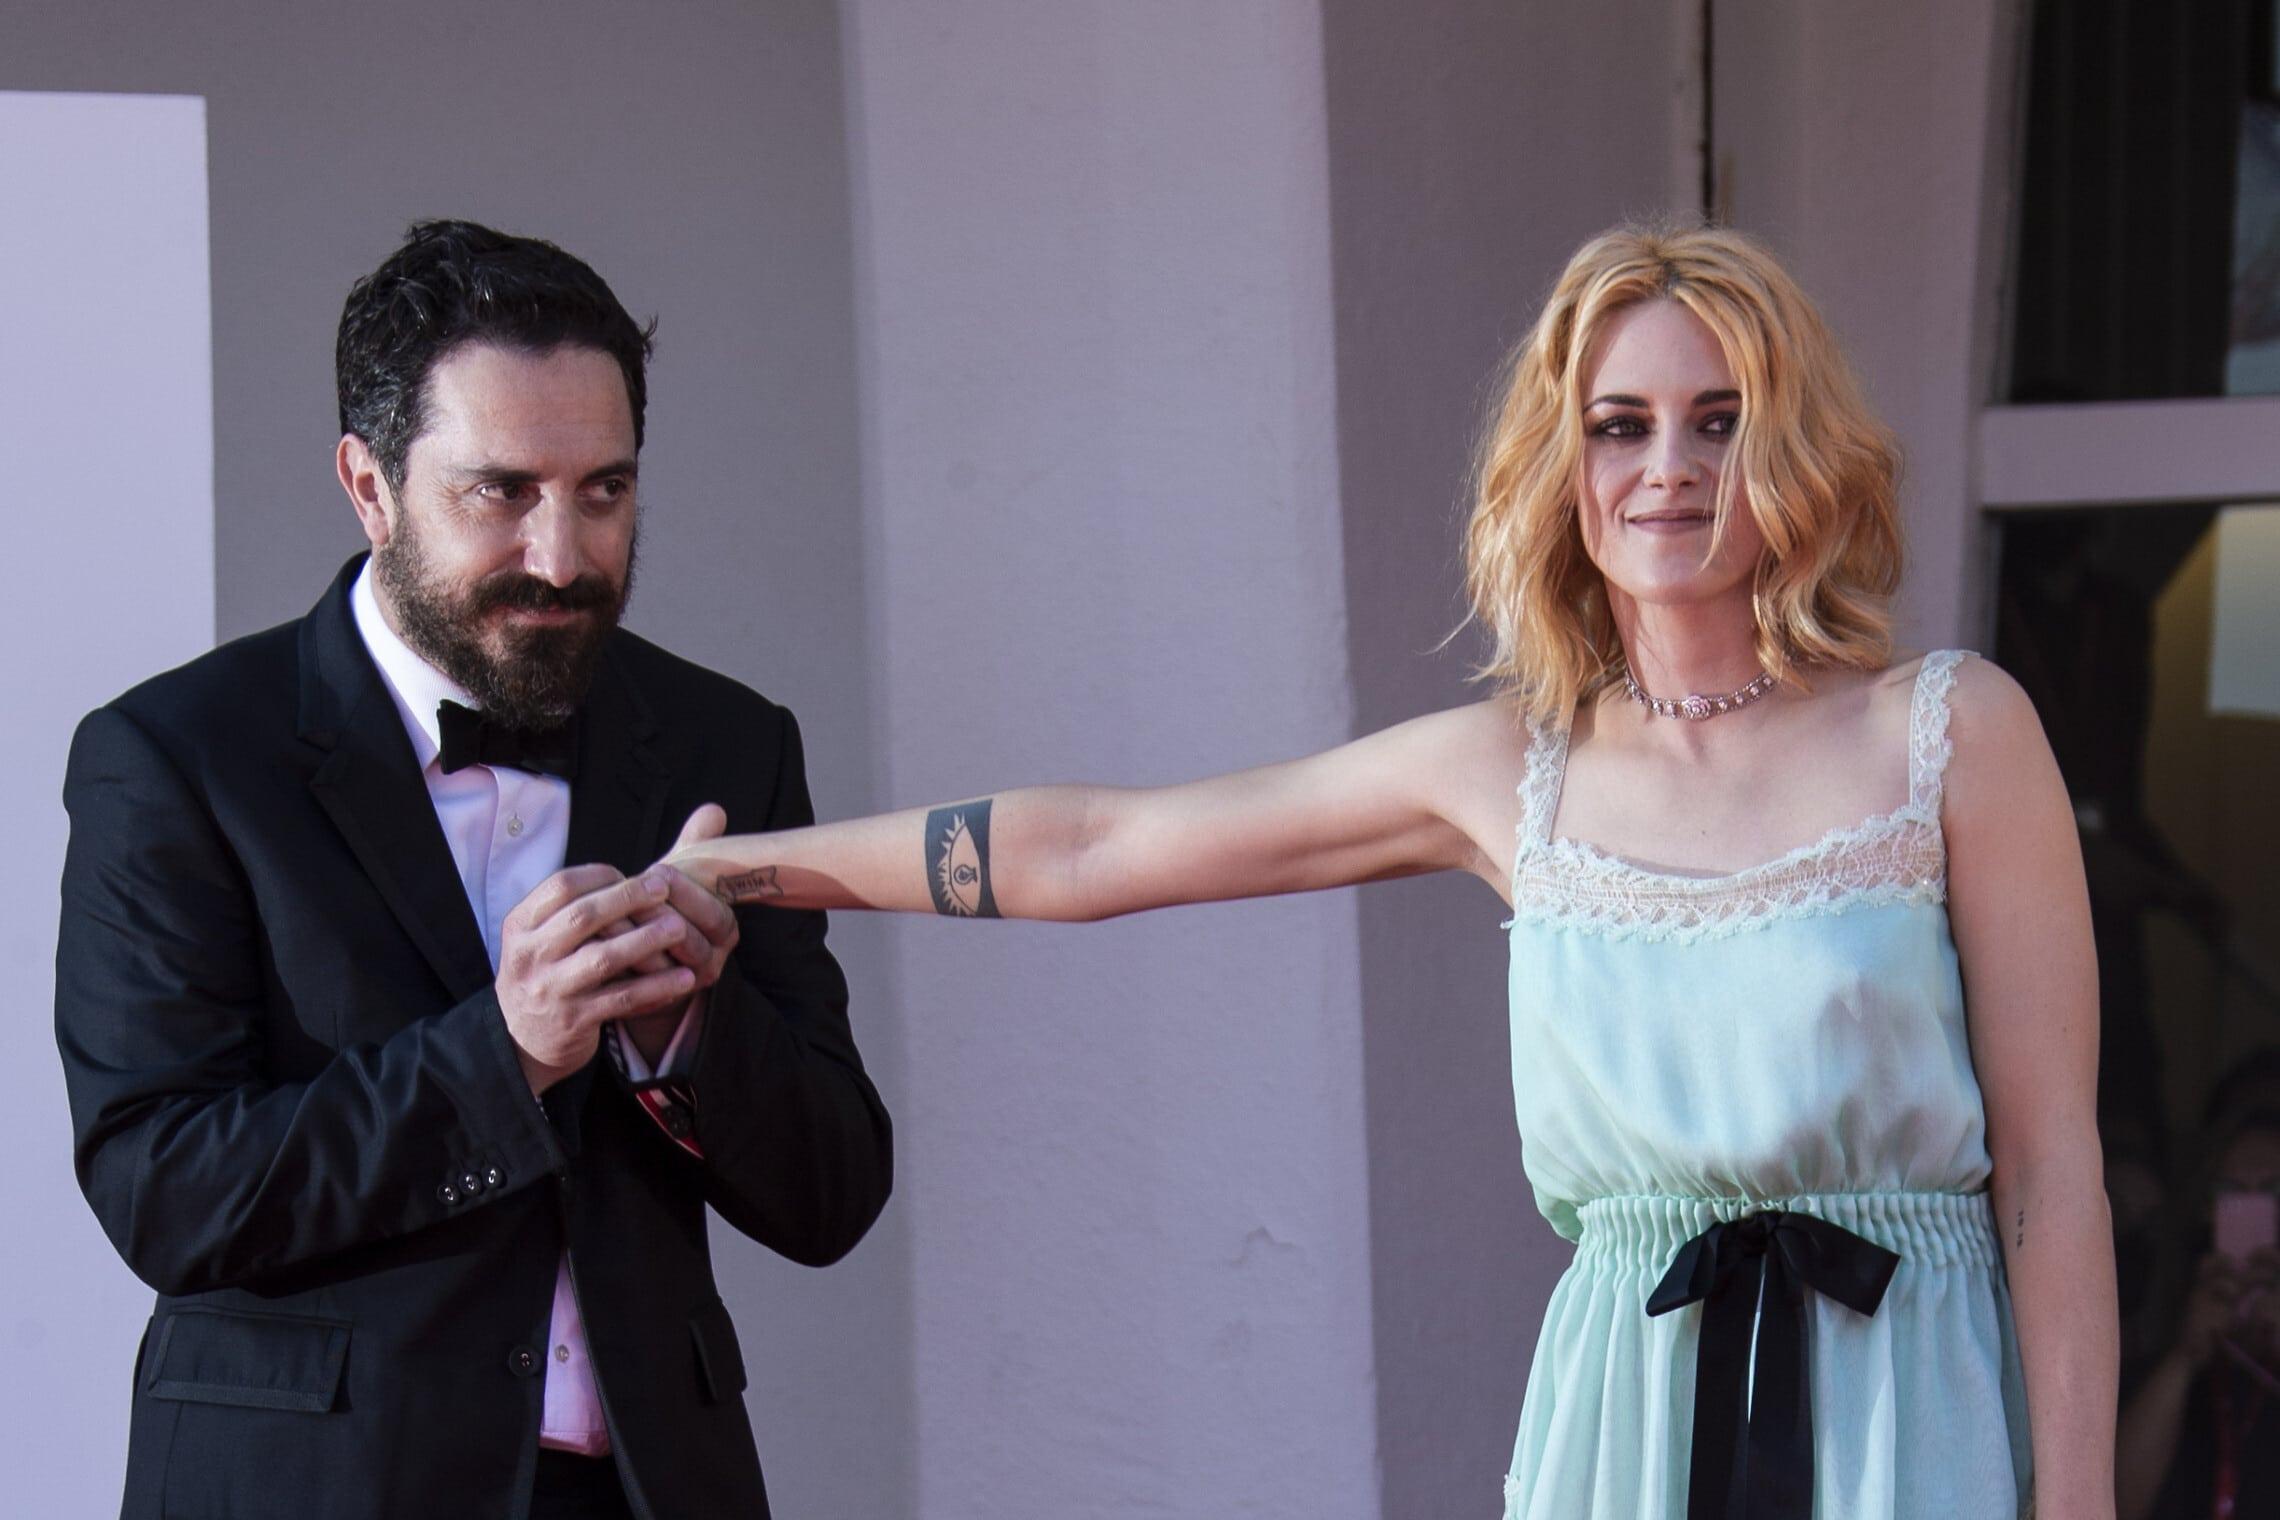 """קריסטן סטיוארט והבמאי פבלו לוריין, בהקרנת הבכורה של """"ספנסר"""" בפסטיבל ונציה, 3 בספטמבר 2021 (צילום: Joel C Ryan/Invision/AP)"""